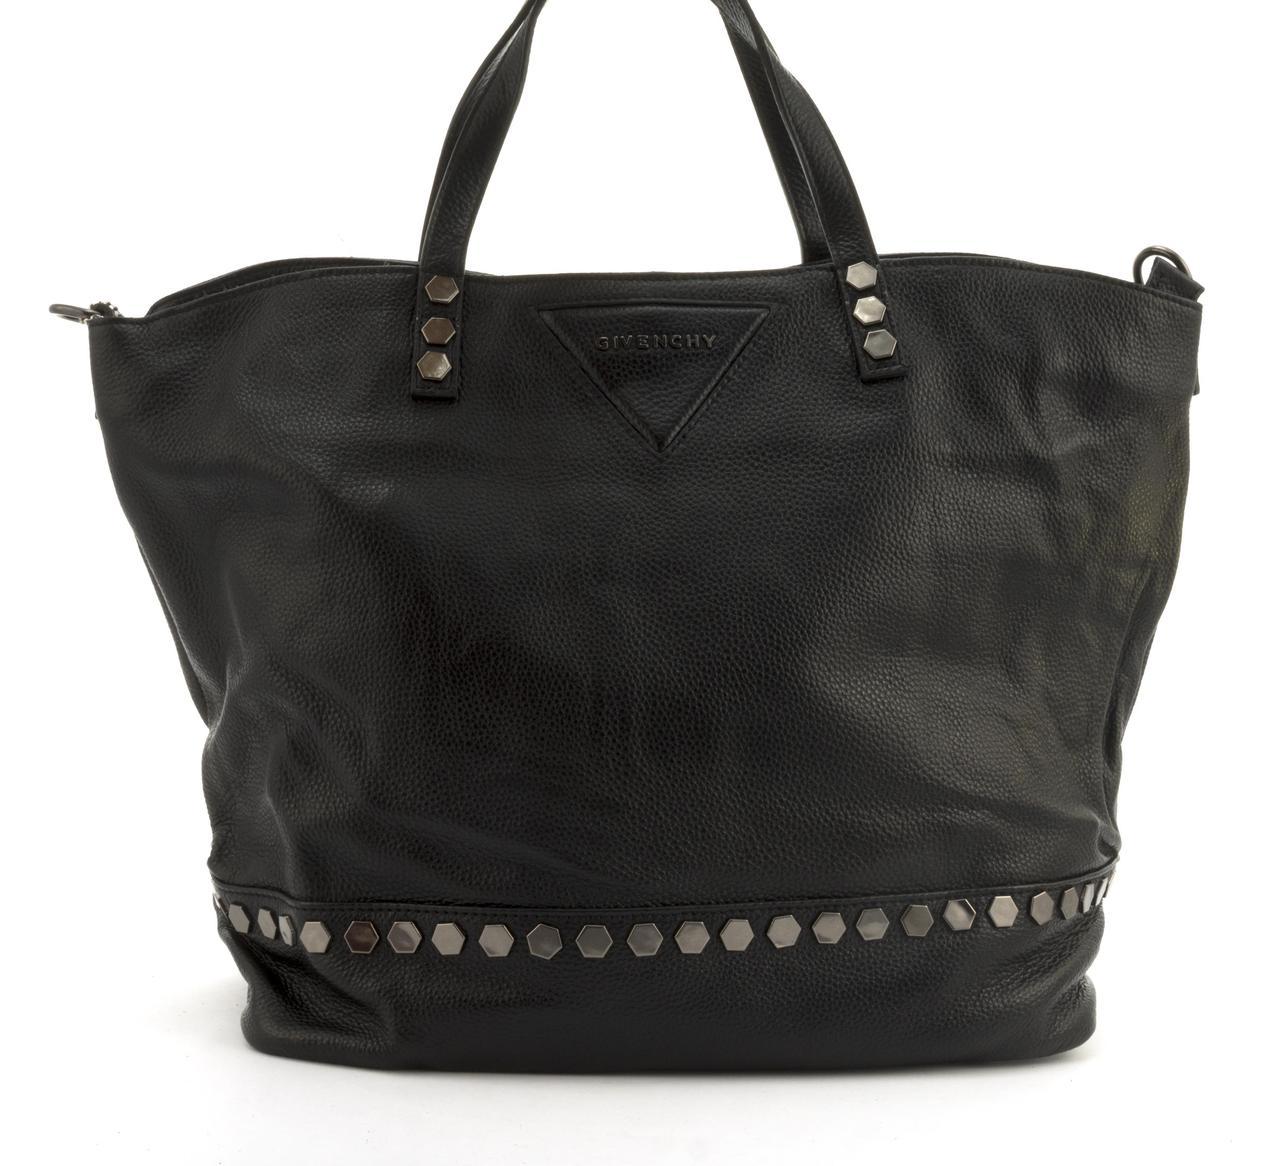 Вместительная стильная прочная кожаная качественная женская сумка GALANTY art. 83018-2 Турция черная